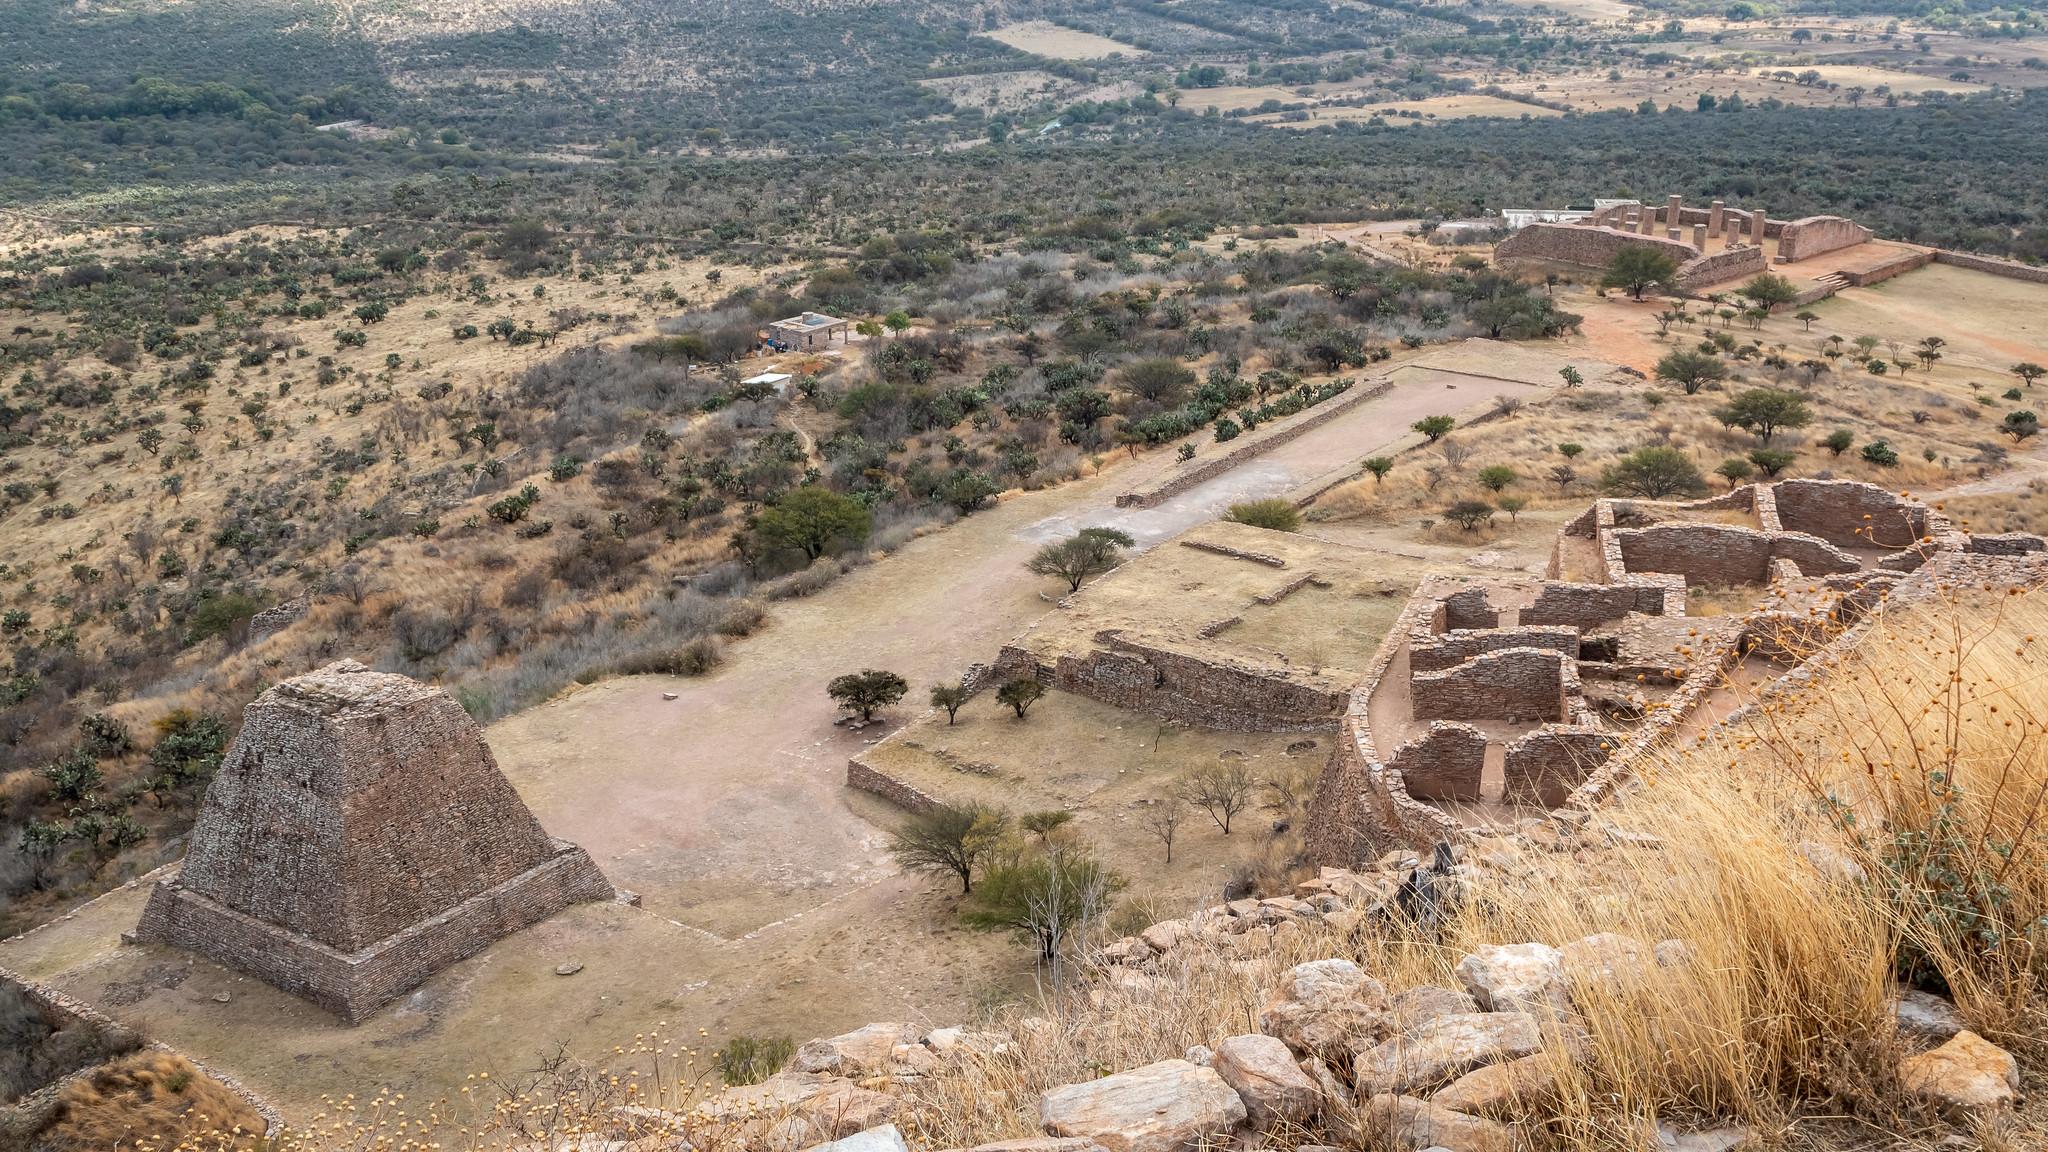 La Quemada - Zacatecas - [Mexique]